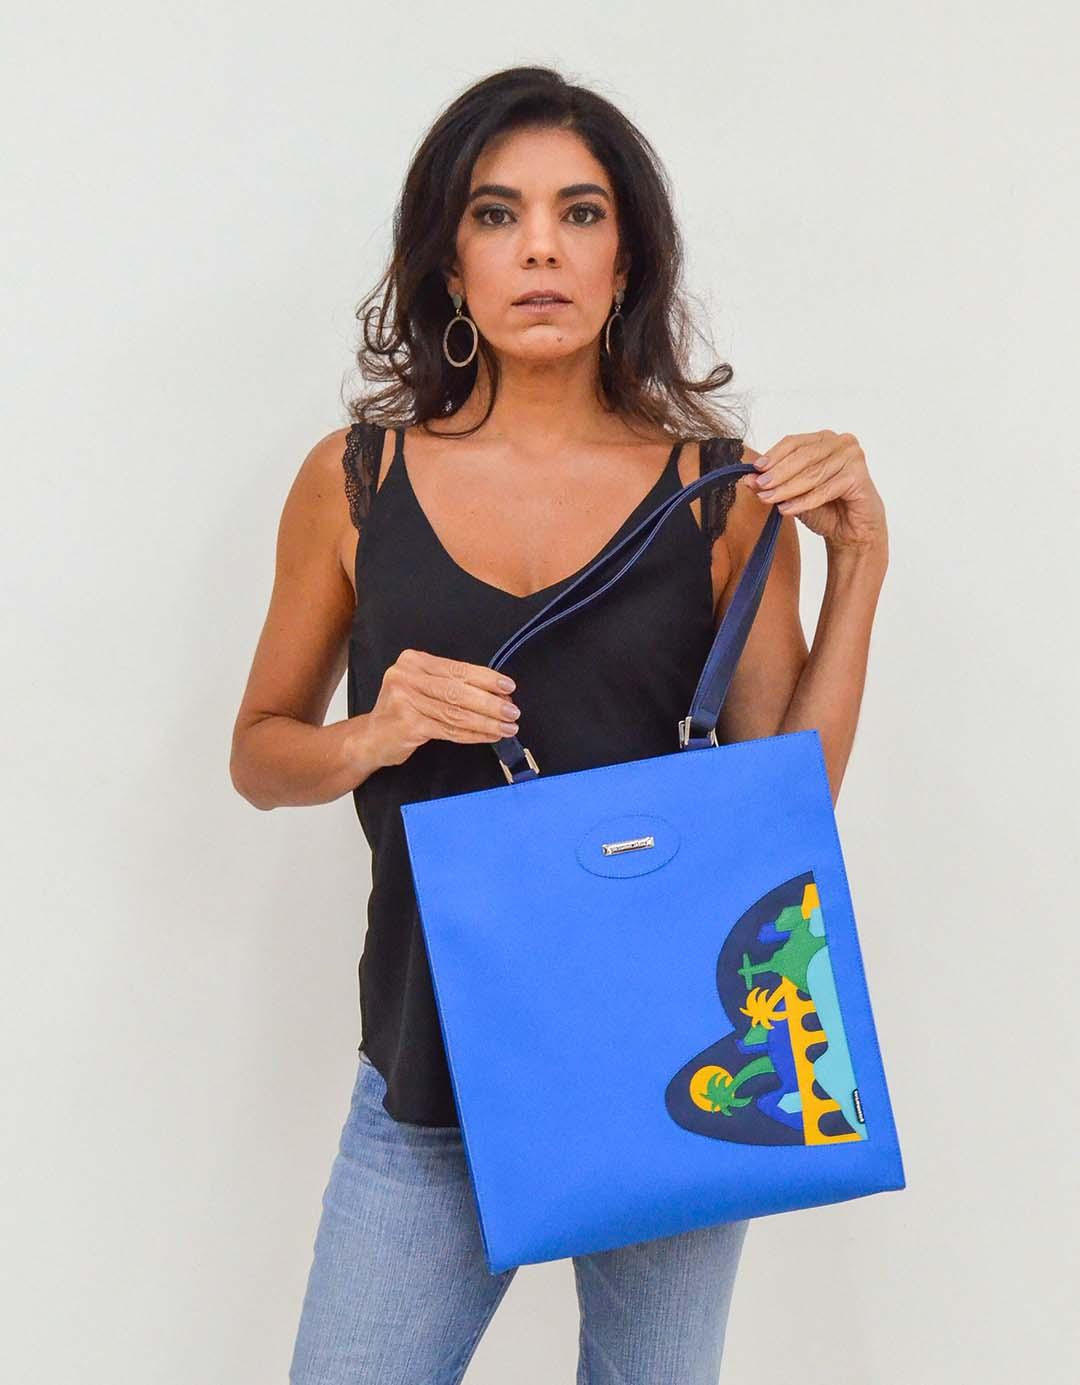 Bolsa de Ombro Azul Artesanal Release Lixo Nobre